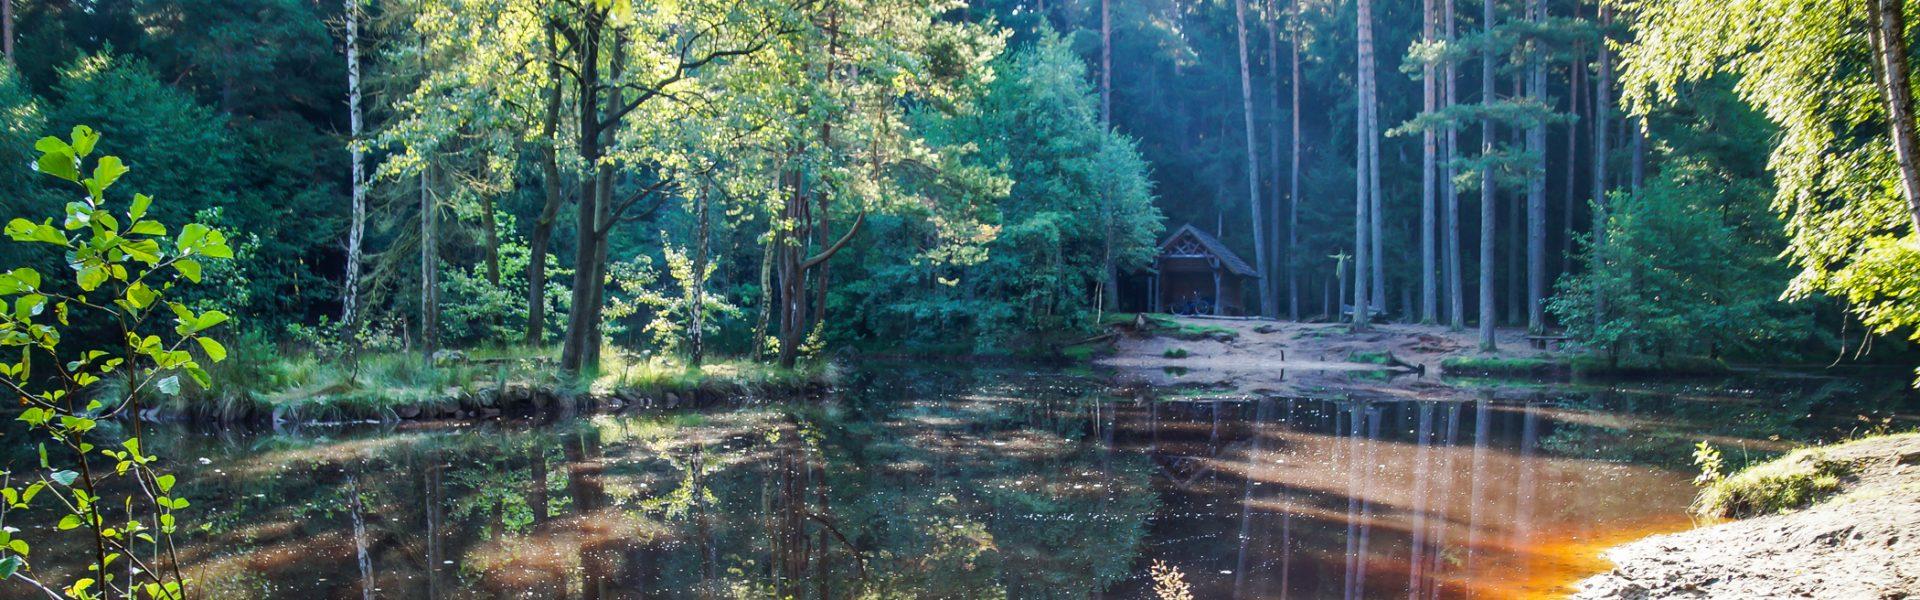 Dresdner Heide Stausee Wandern und Entspannen